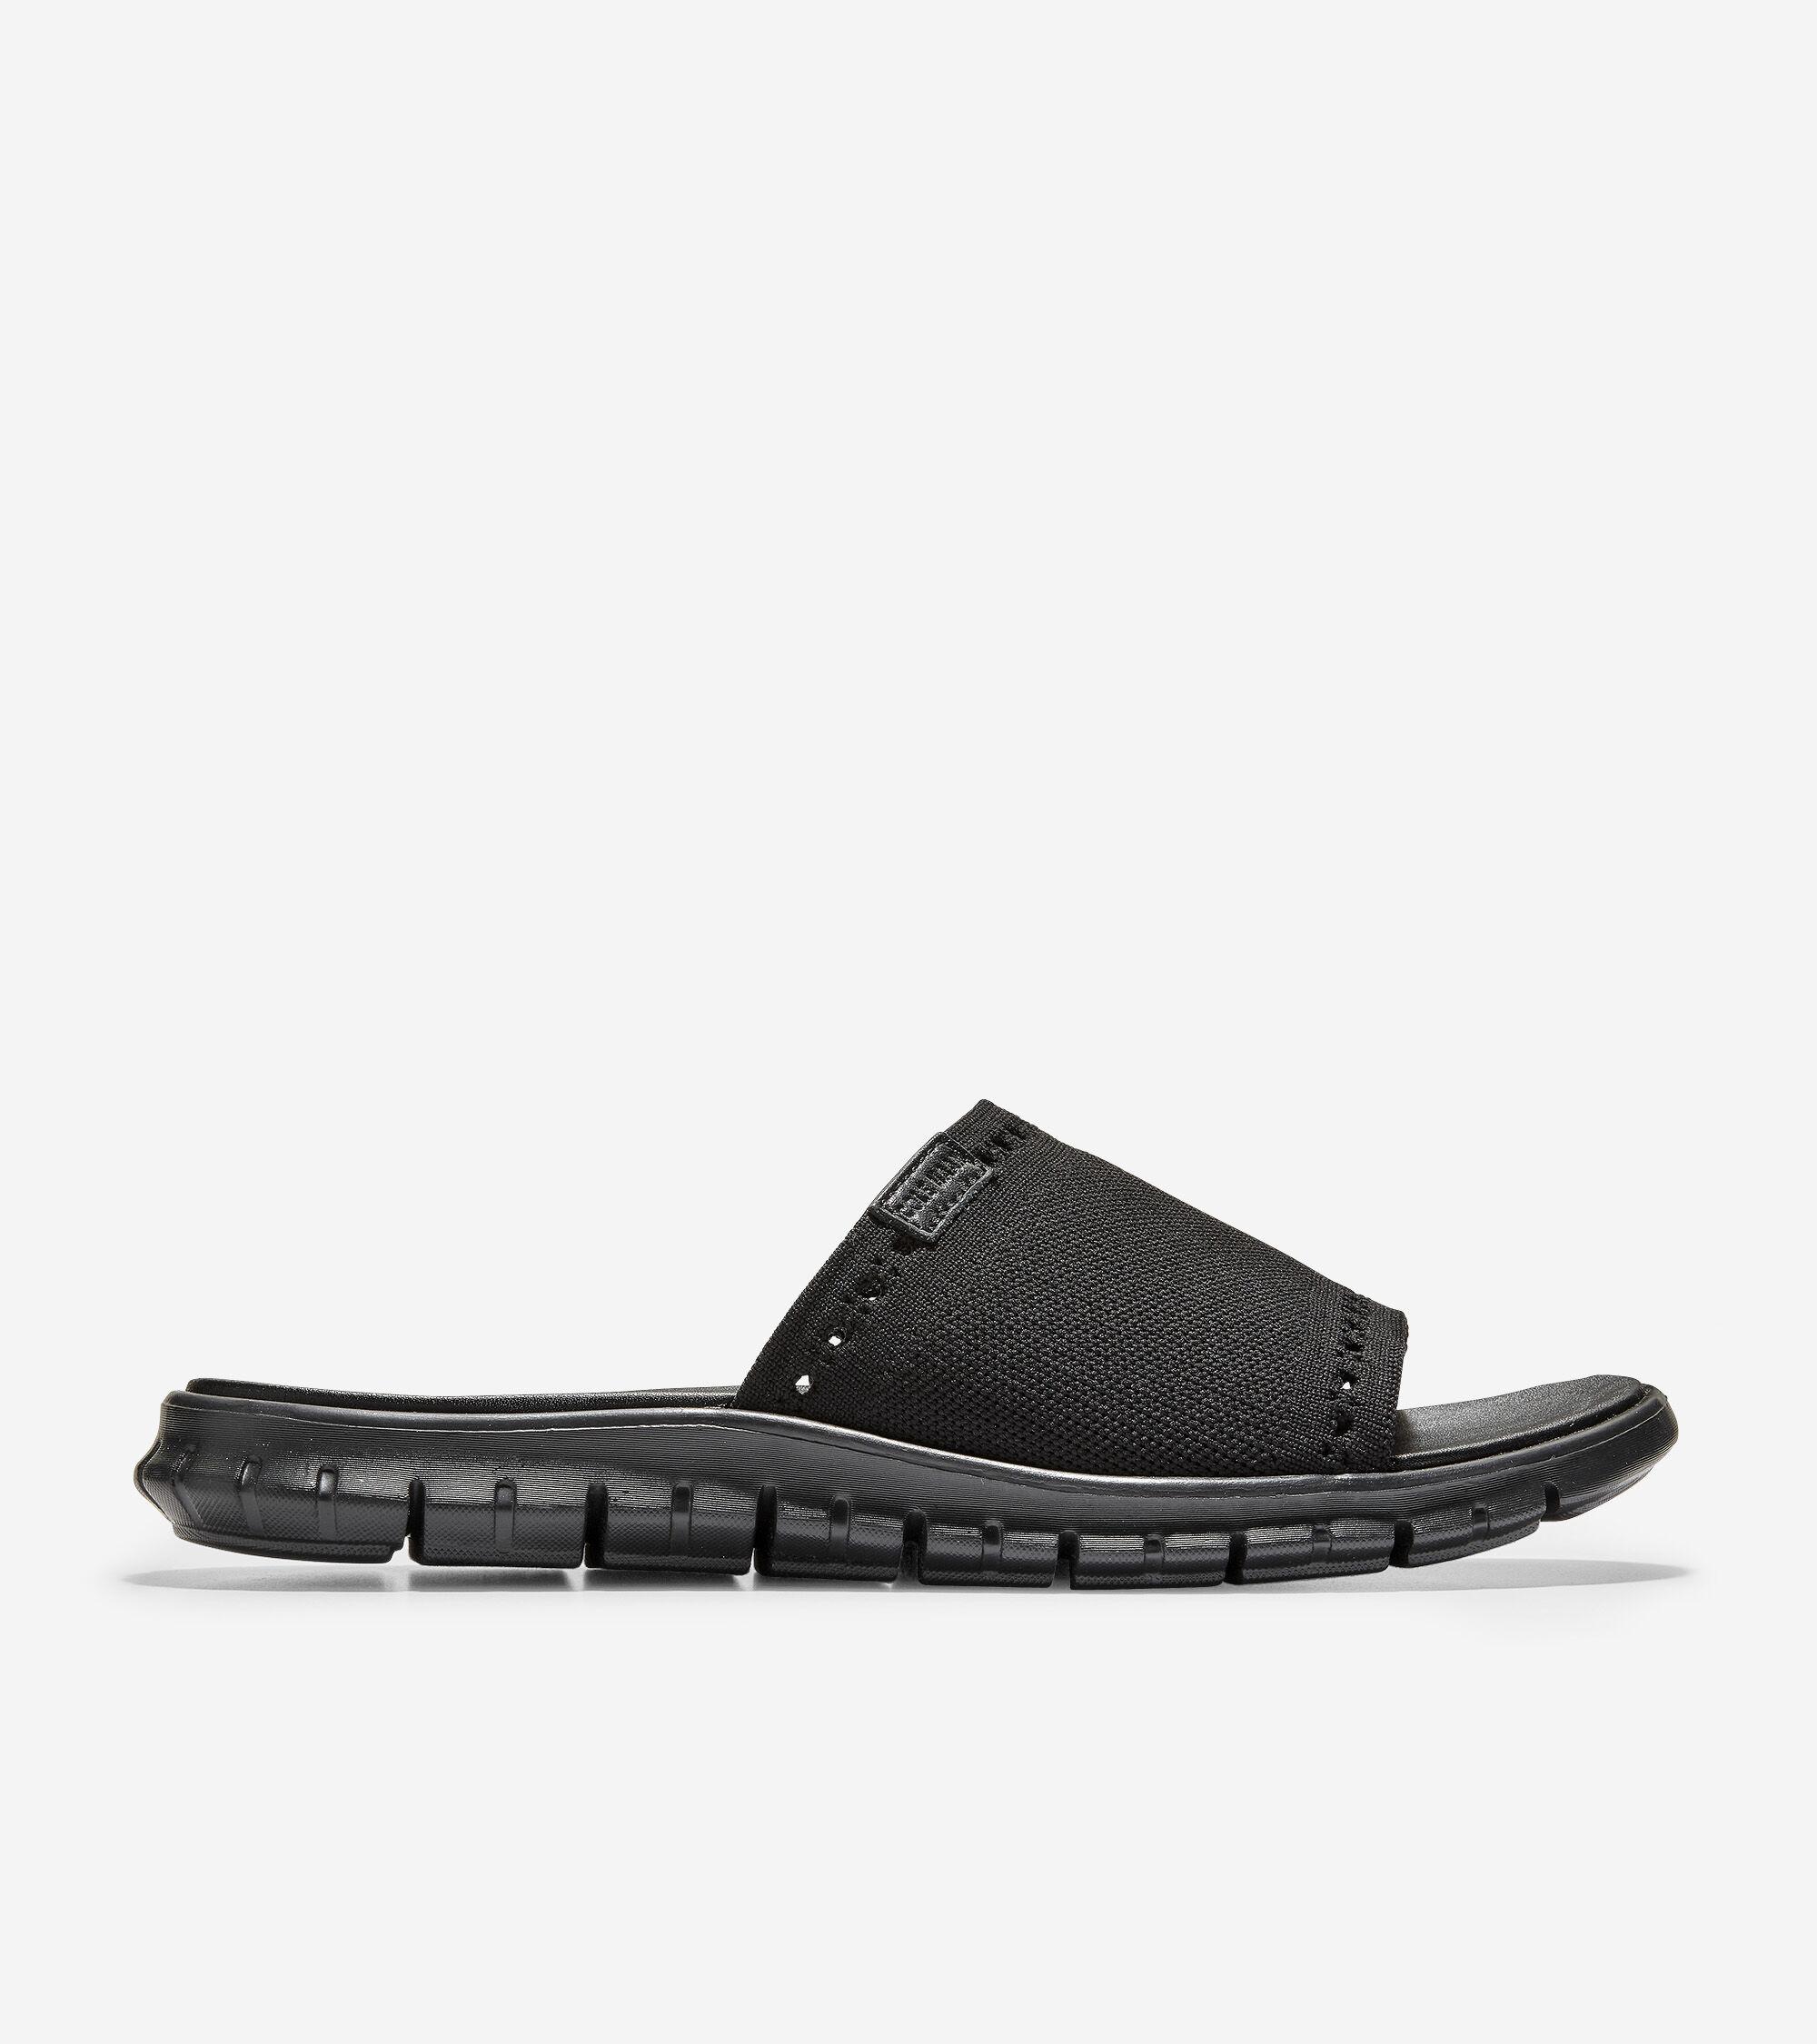 Men's ZERØGRAND Slide Sandal in Black